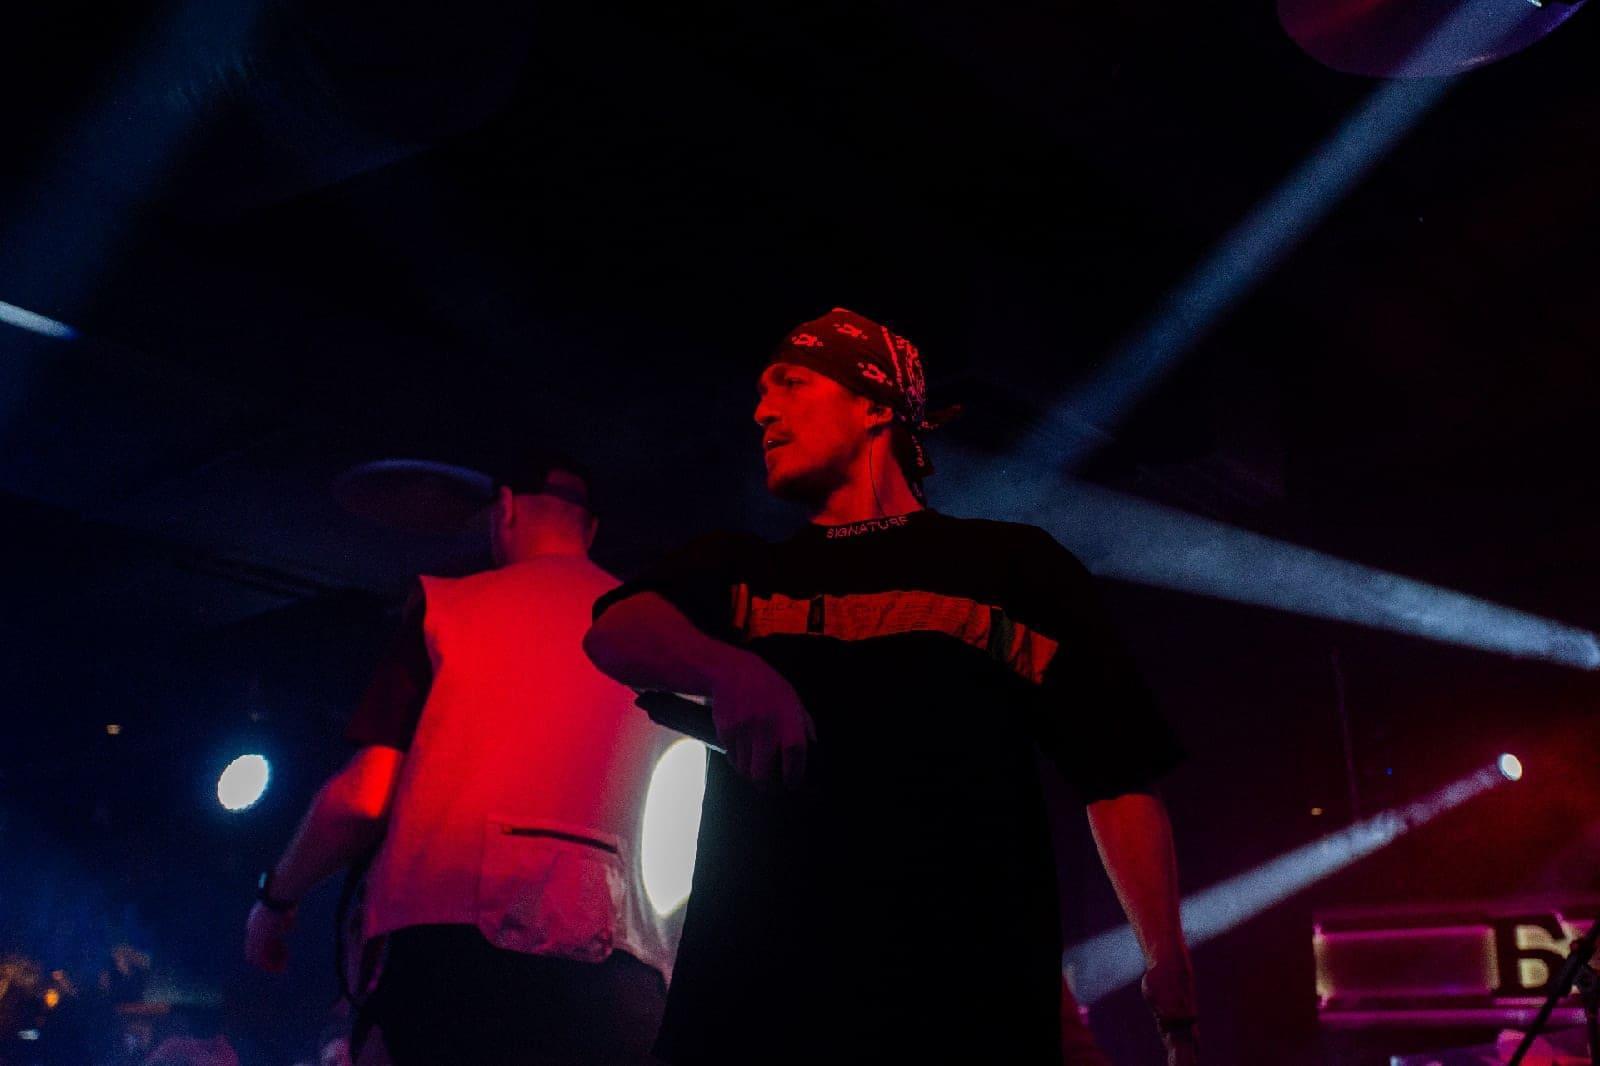 фото «Какие-то типы качают головой в ритм»: группа «Каста» выступила в Новосибирске – 10 фото с долгожданного концерта 4